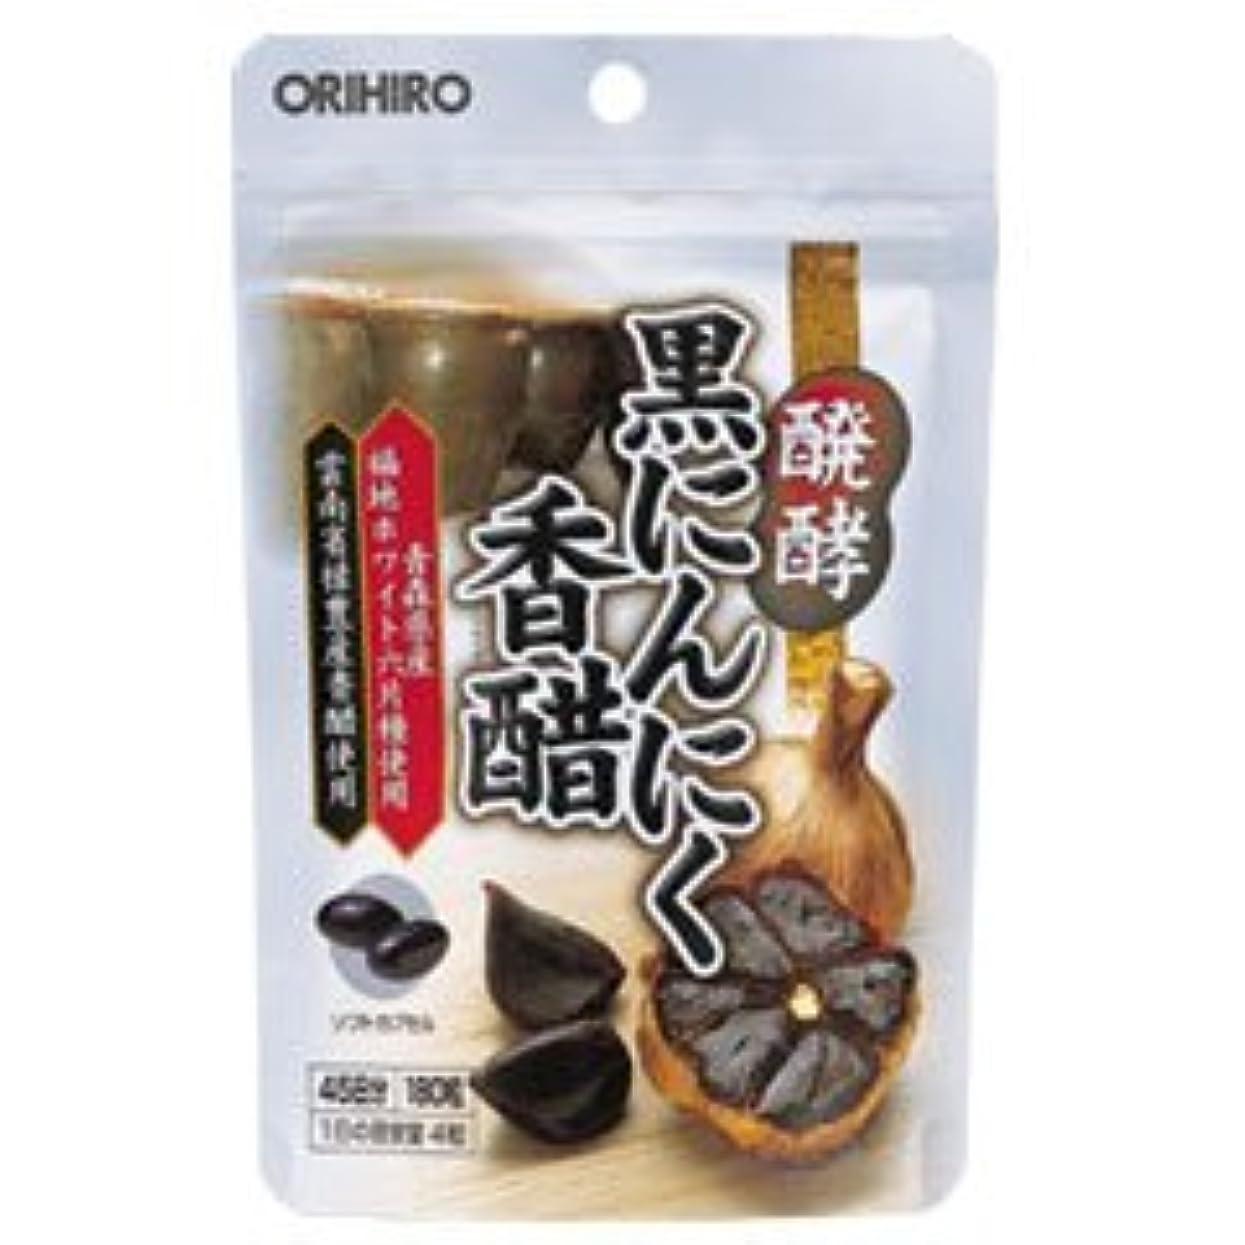 乱れ証拠マインドオリヒロ 発酵黒にんにく香醋 180粒 【アウトレット】